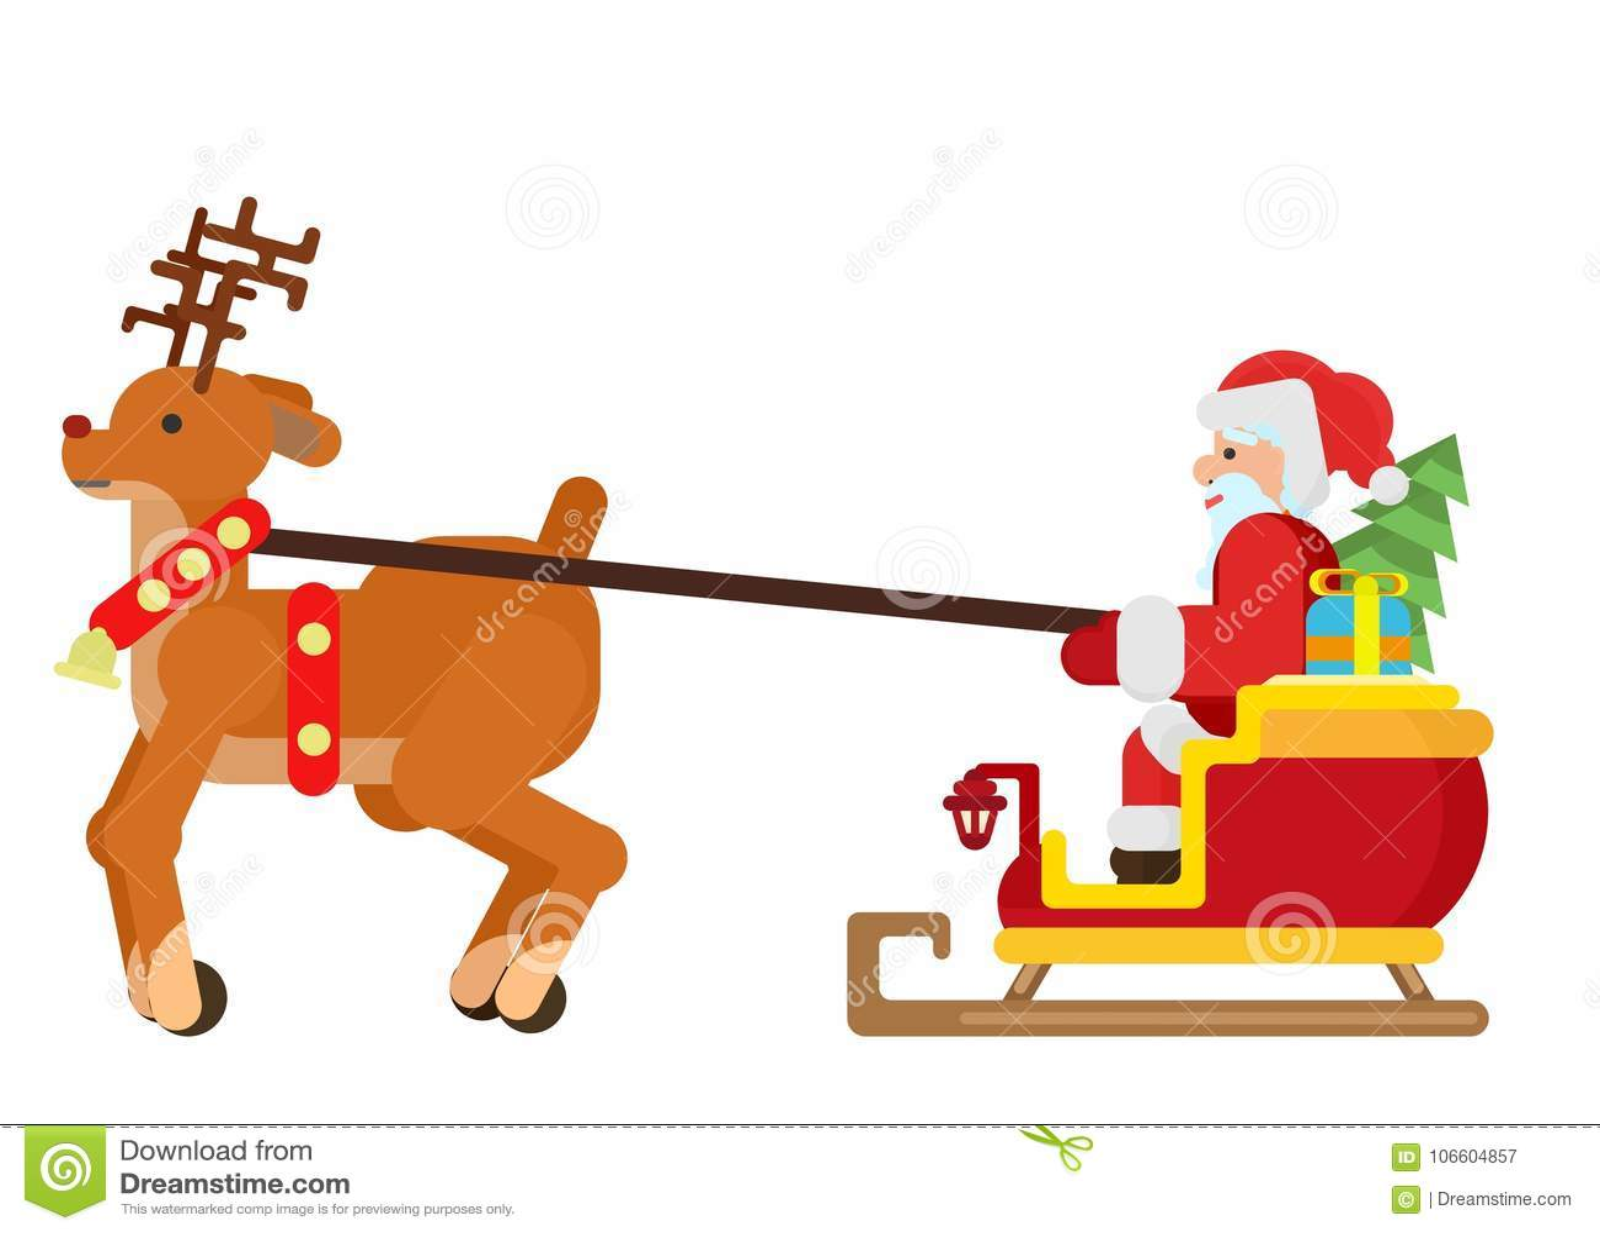 Un reno conduce un trineo con Santa Claus y un árbol de navidad